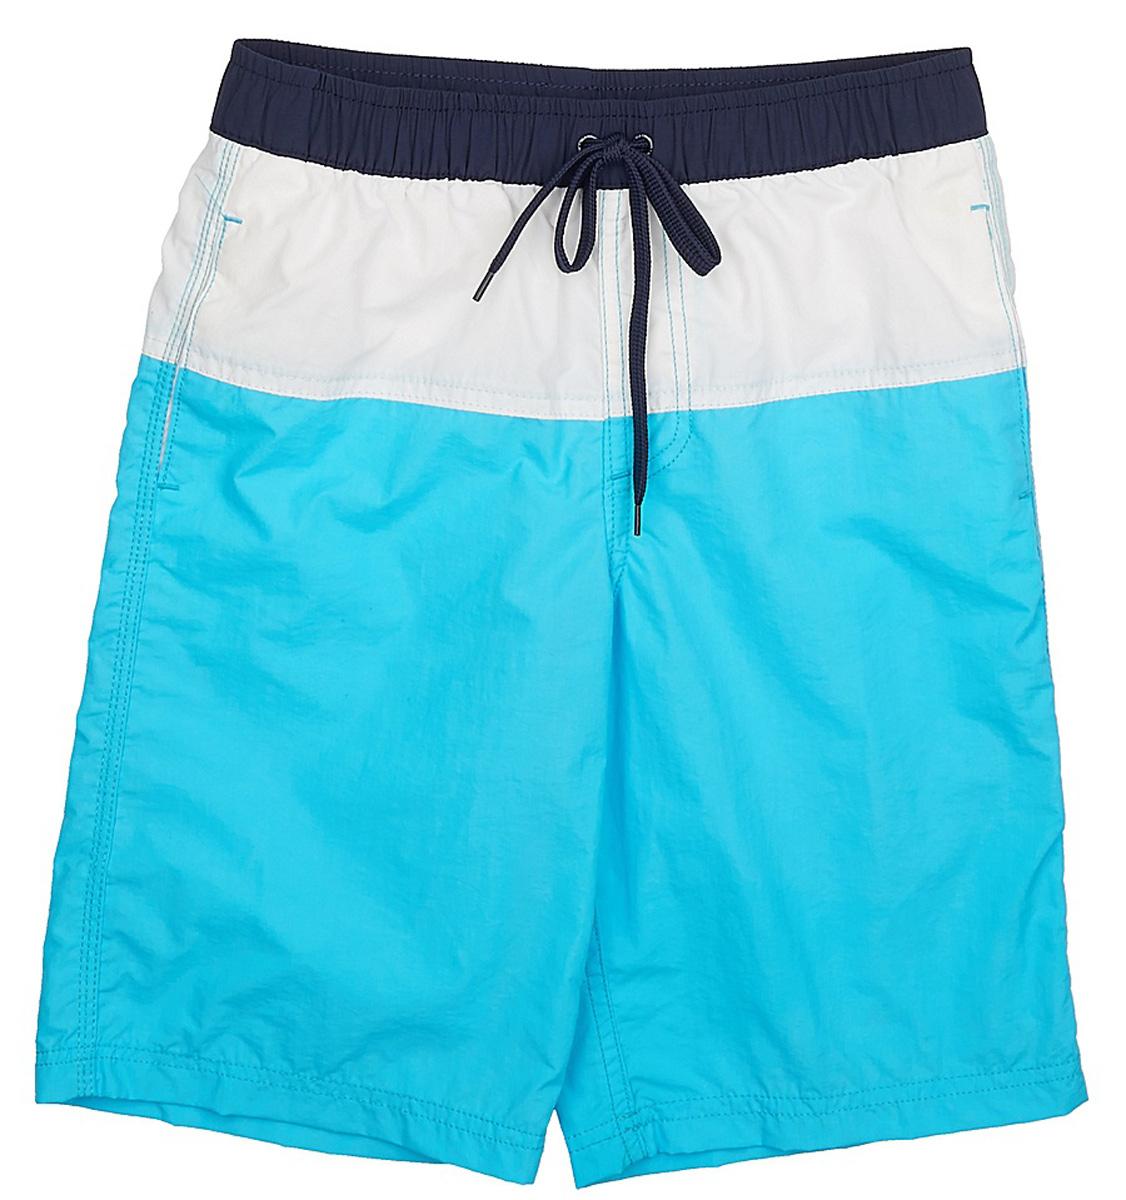 Шорты для плаванияSHsp-815/334-7225Пляжные шорты для мальчика Sela, изготовленные из качественного материала трех цветов, - идеальный вариант, как для купания, так и для отдыха на пляже. Модель с вшитыми сетчатыми трусиками на поясе имеет эластичную резинку, регулируемую шнурком, благодаря чему шорты не сдавливают живот ребенка и не сползают. Изделие дополнено двумя прорезными карманами. Шорты быстро сохнут и сохраняют первоначальный вид и форму даже при длительном использовании.